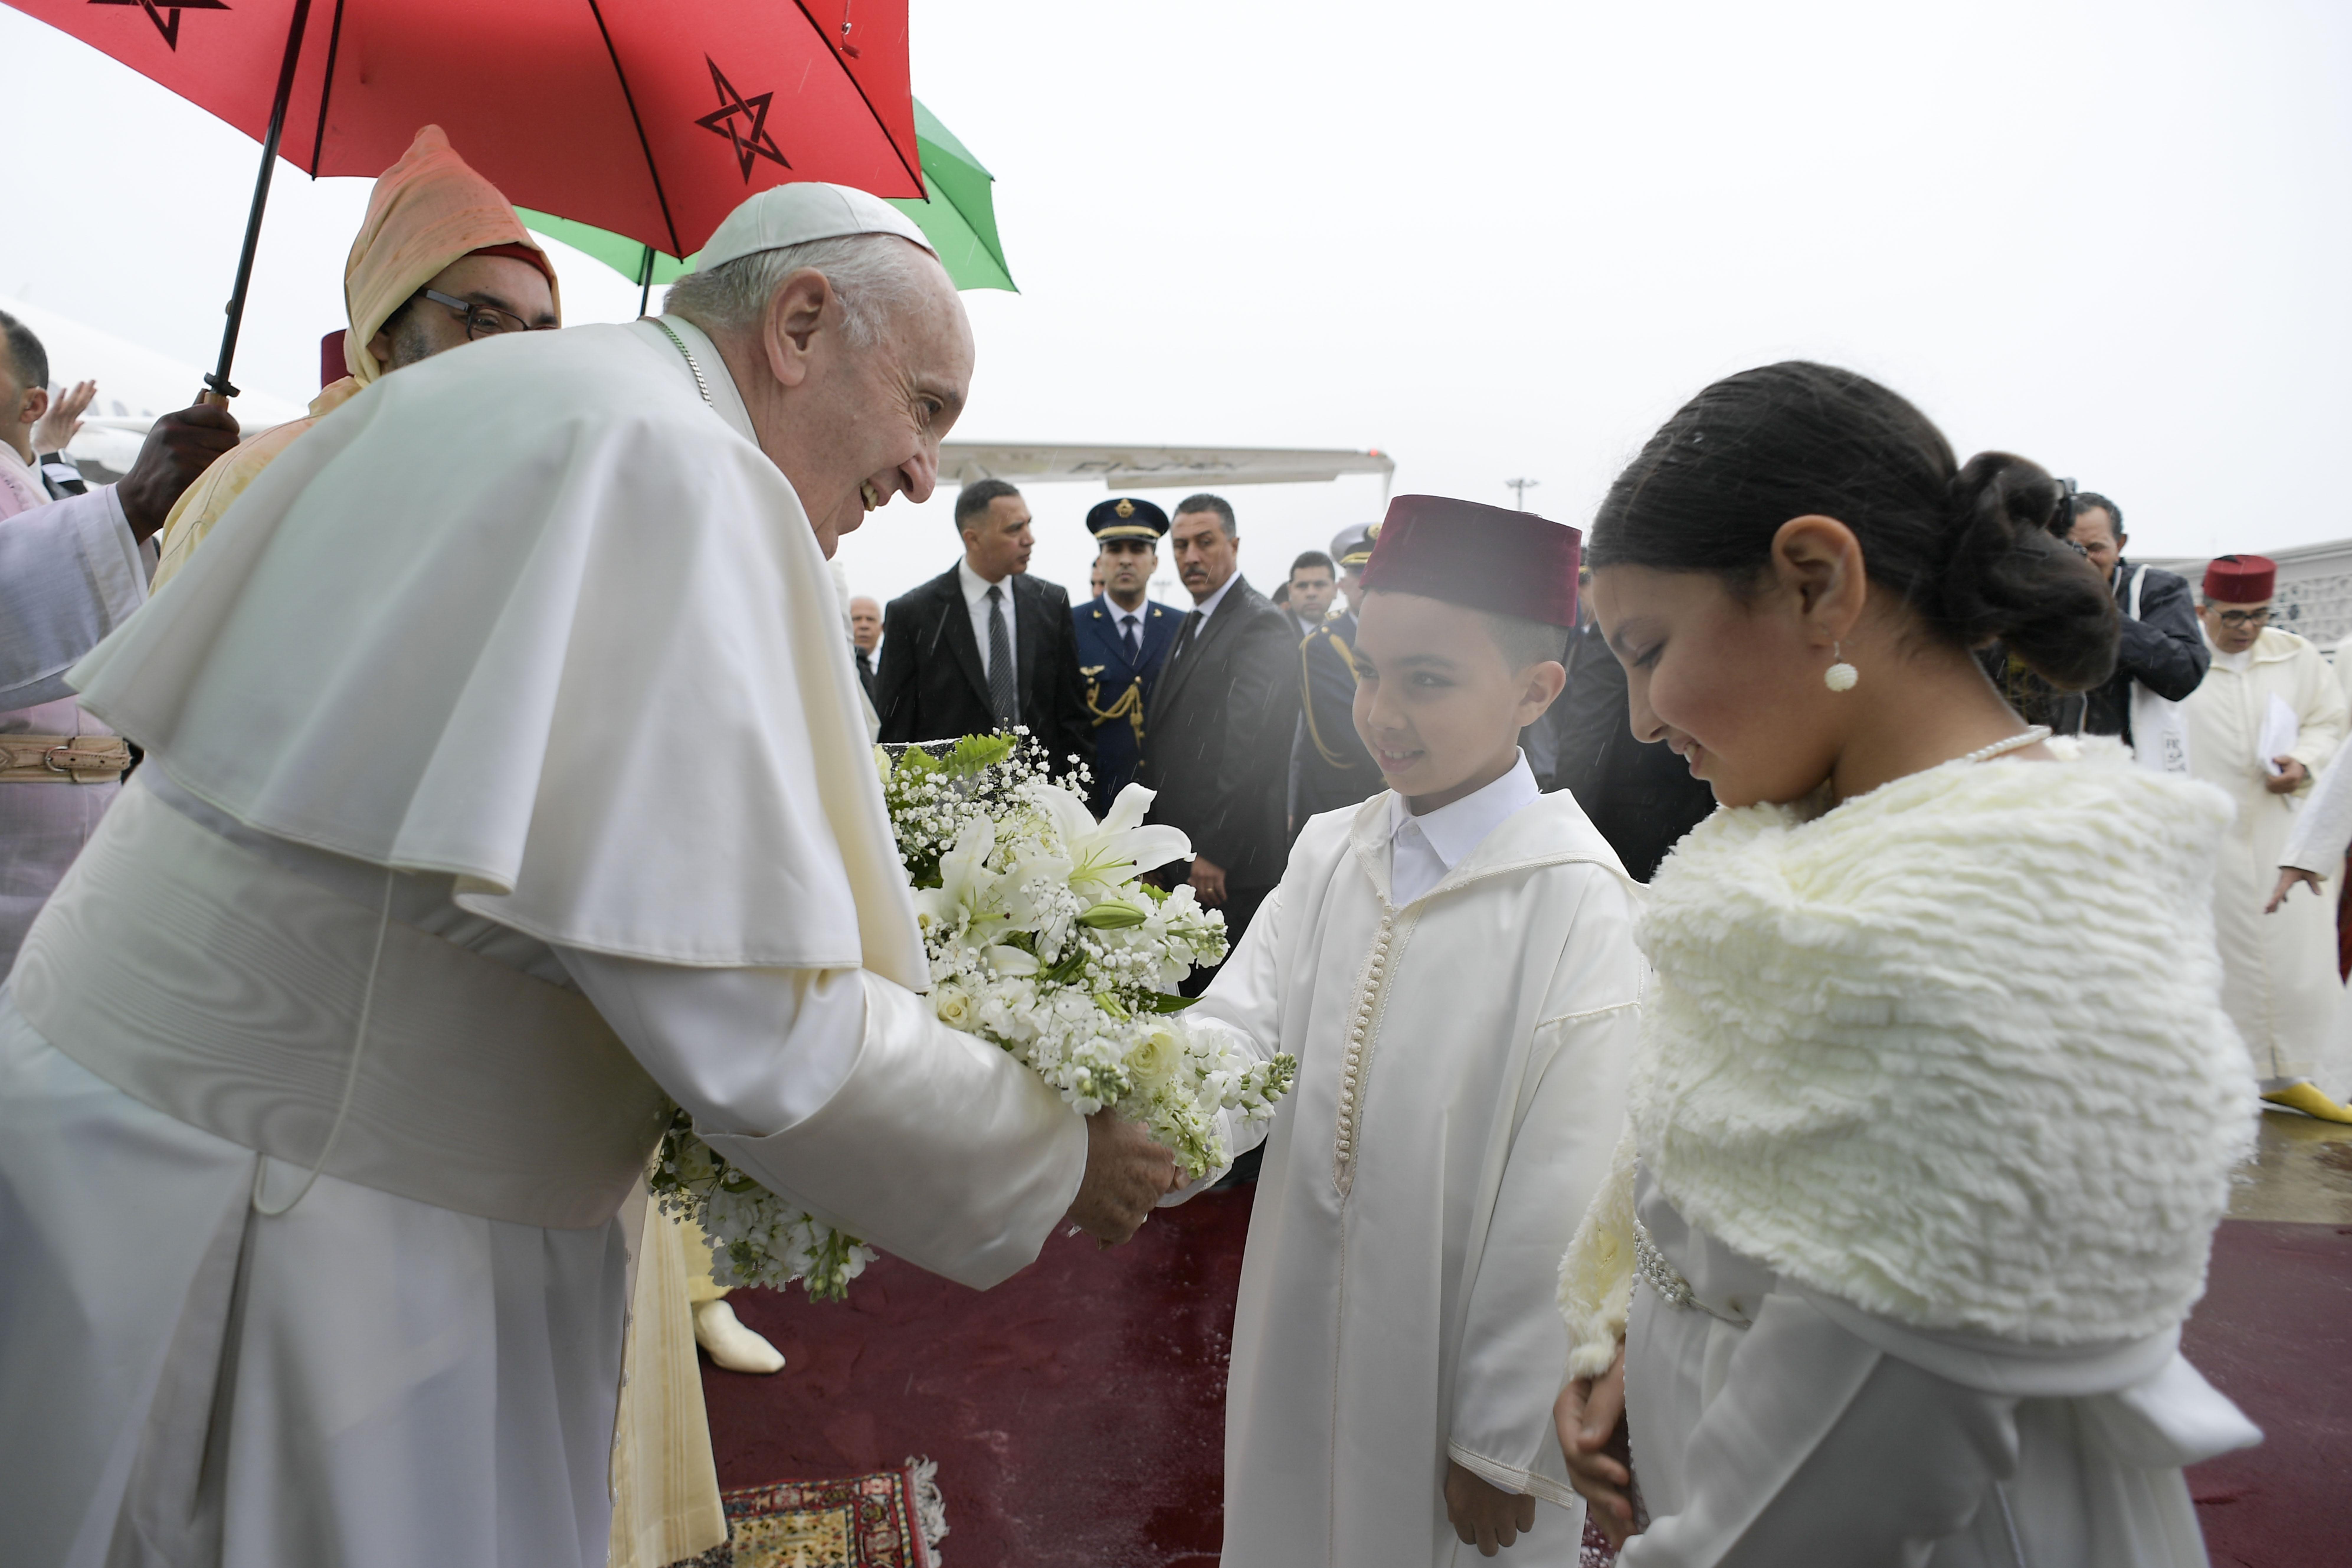 Unos niños dan la bienvenida al Papa en Marruecos © Vatican Media